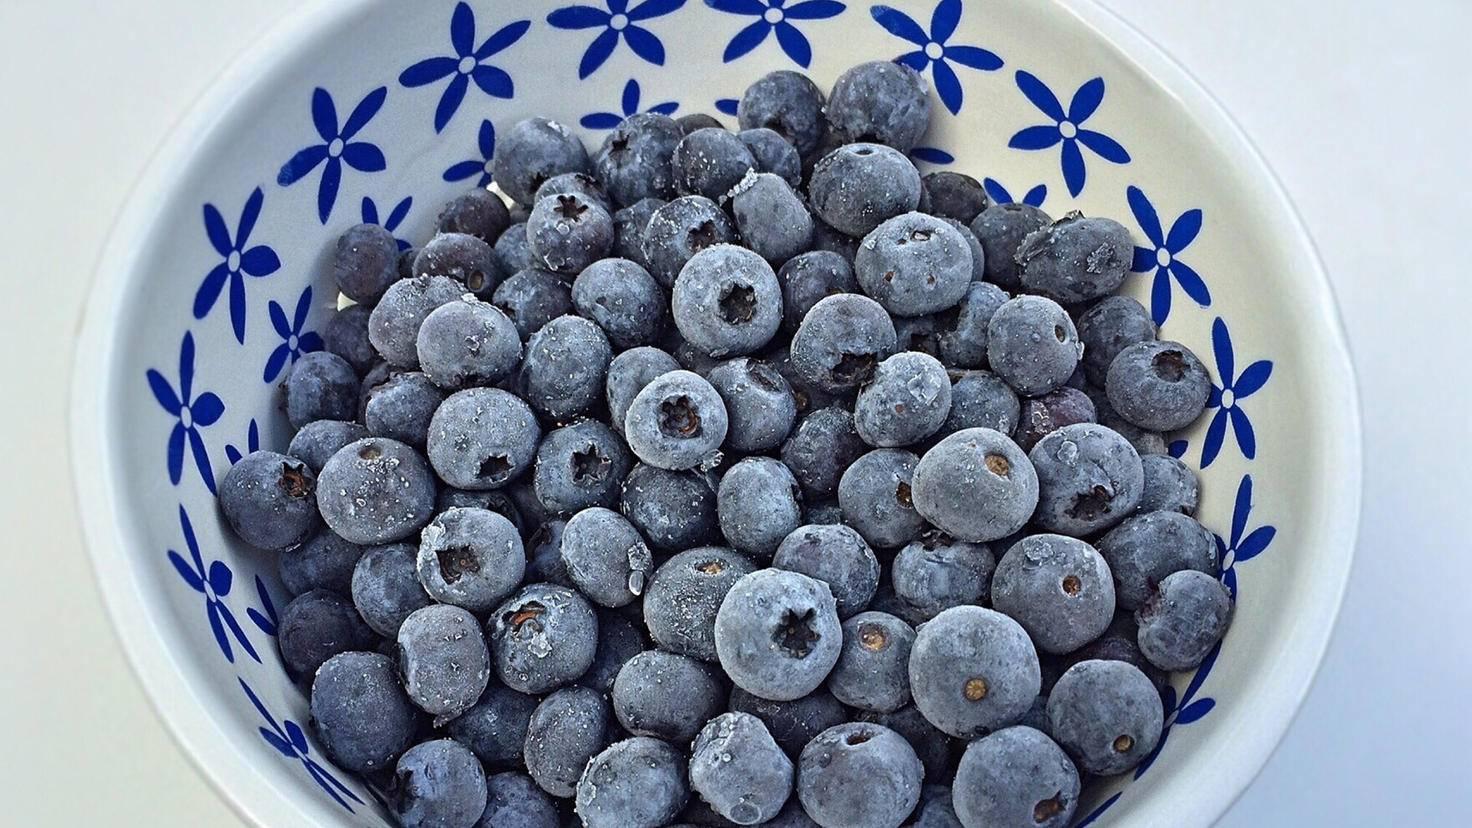 Auch gefrorene Beeren stecken immer noch voller Vitamine.